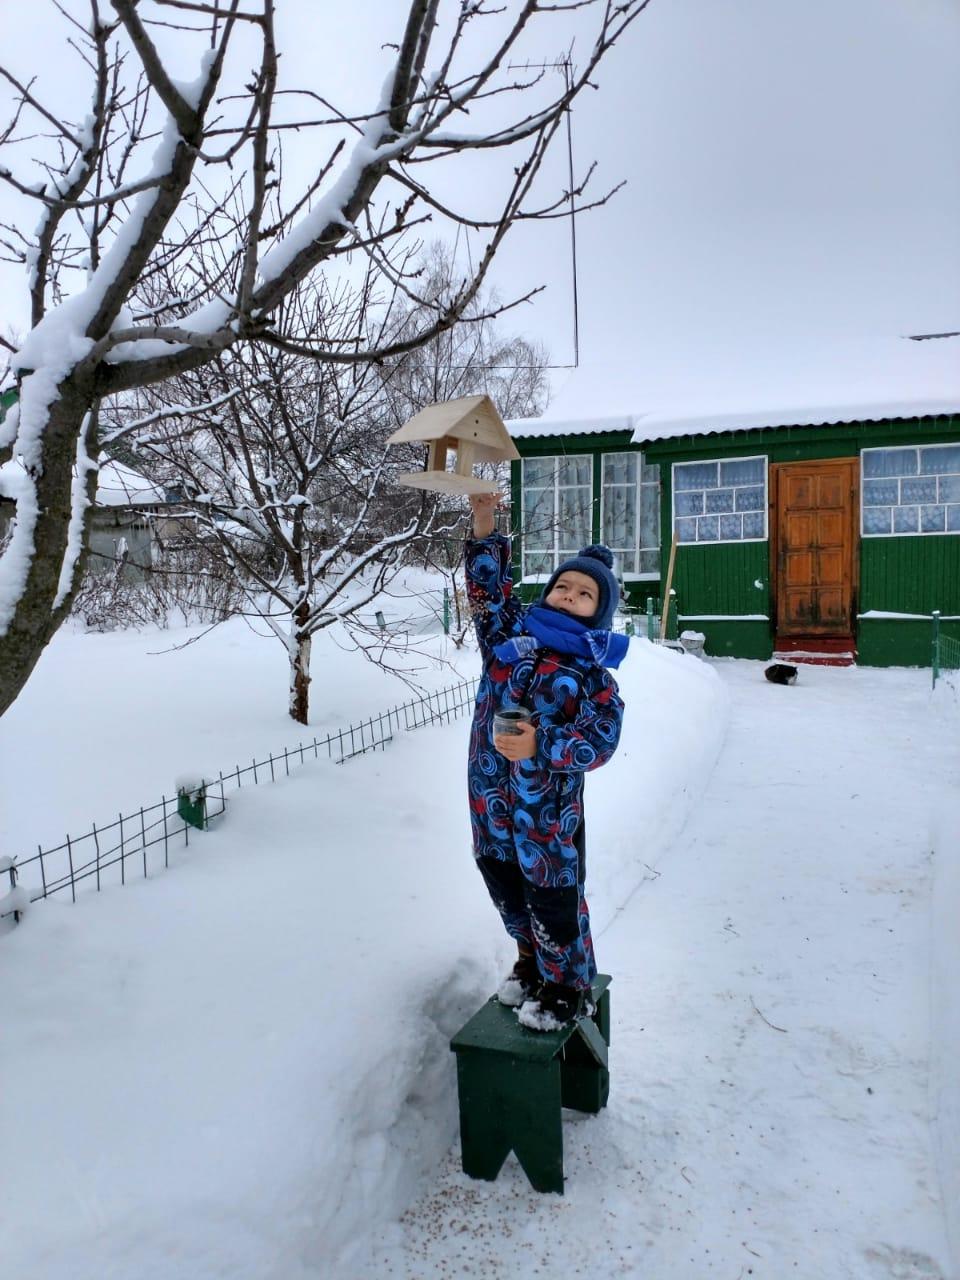 Покормите птиц зимой!. Веселая зима